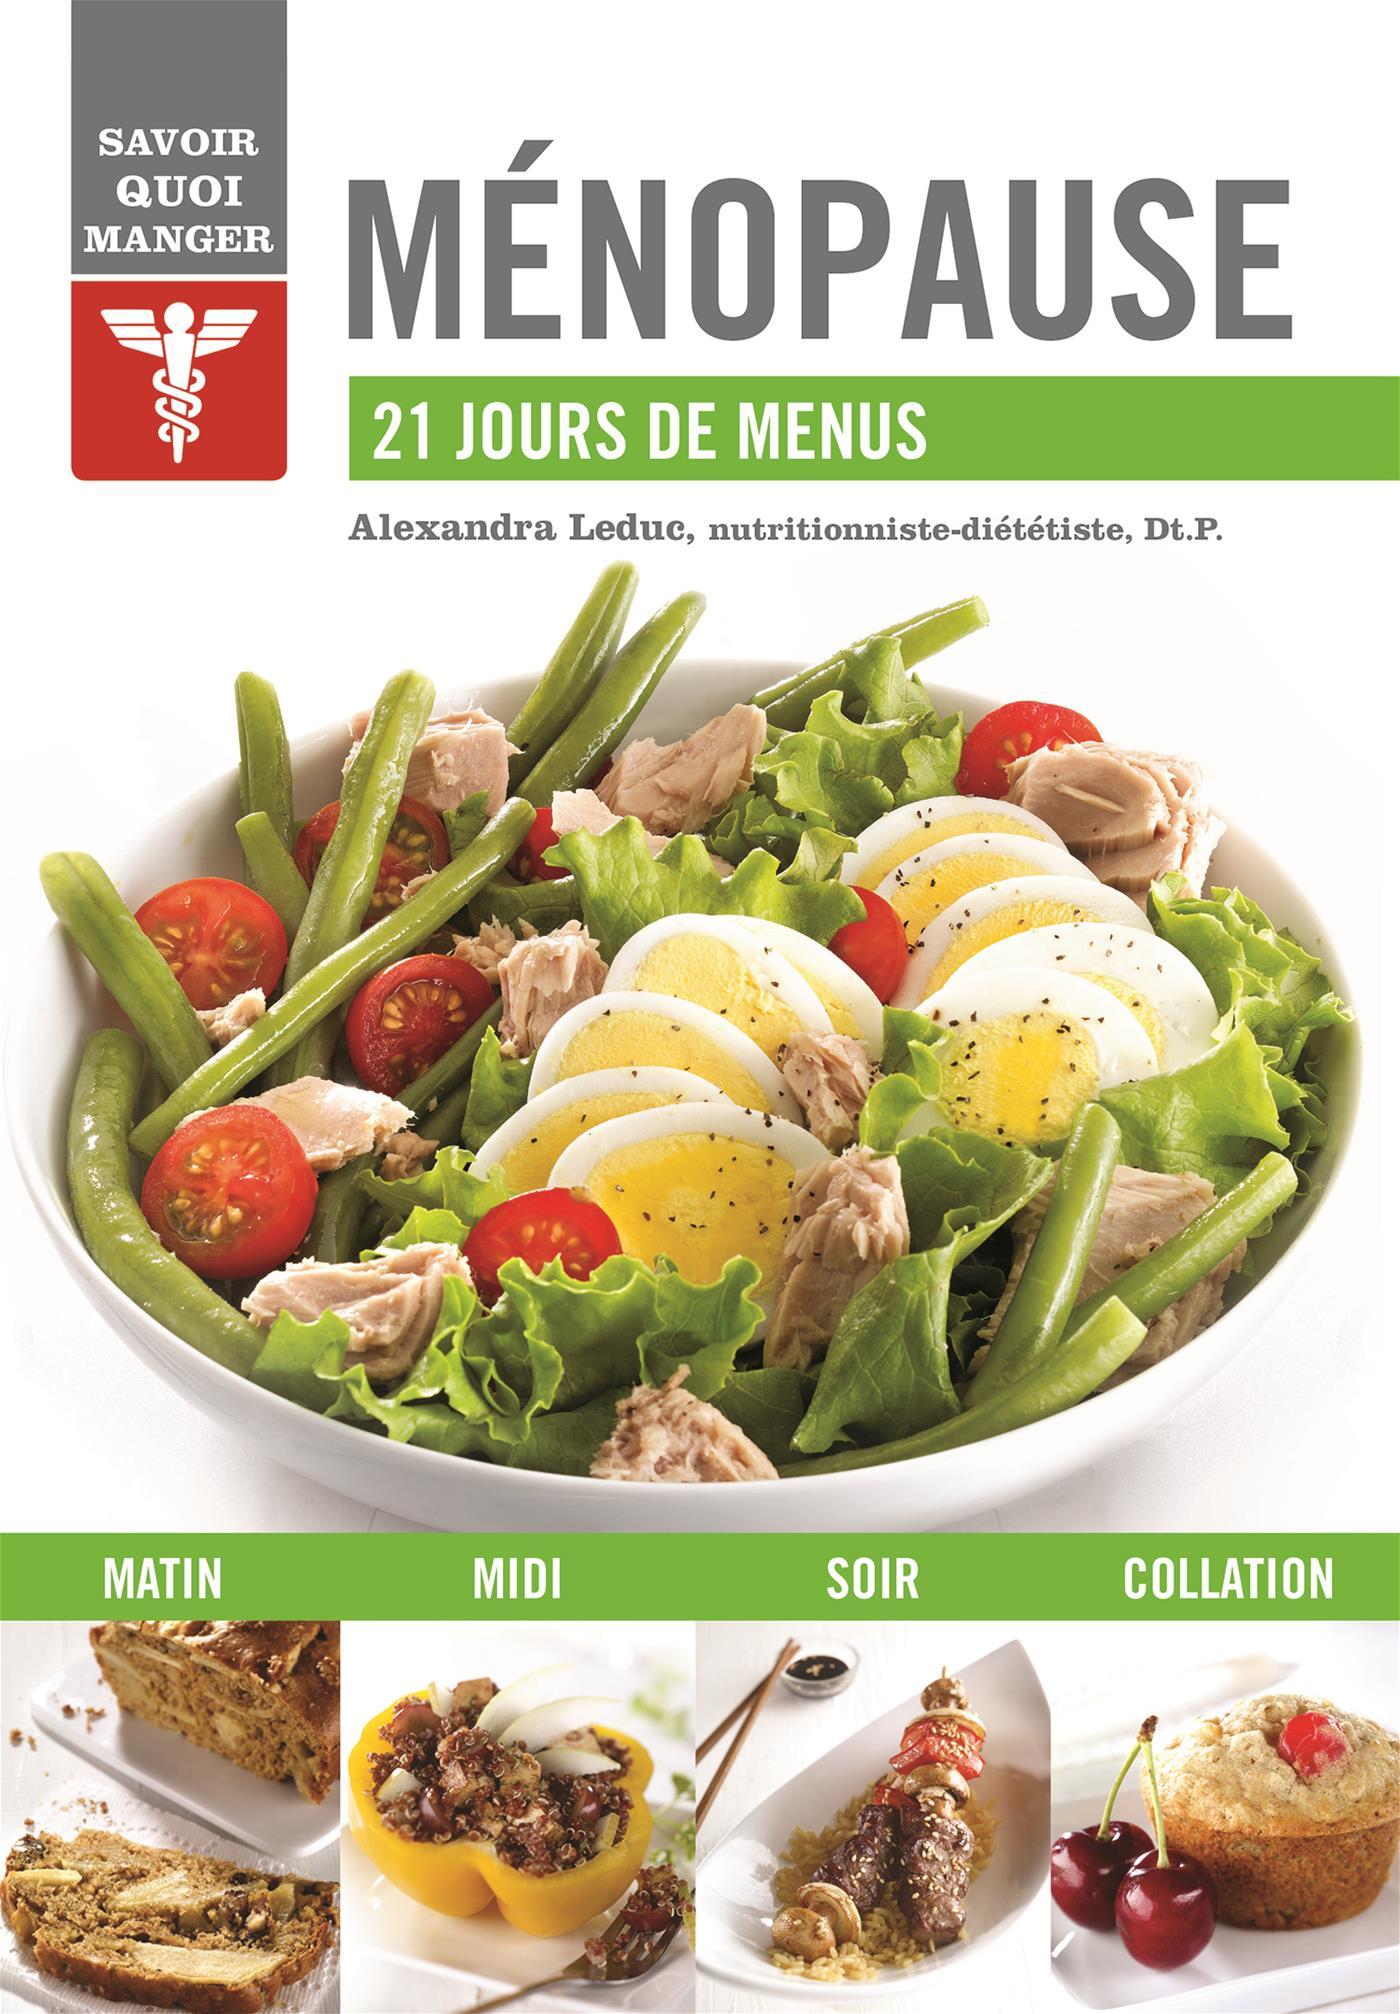 Savoir quoi manger - Ménopause